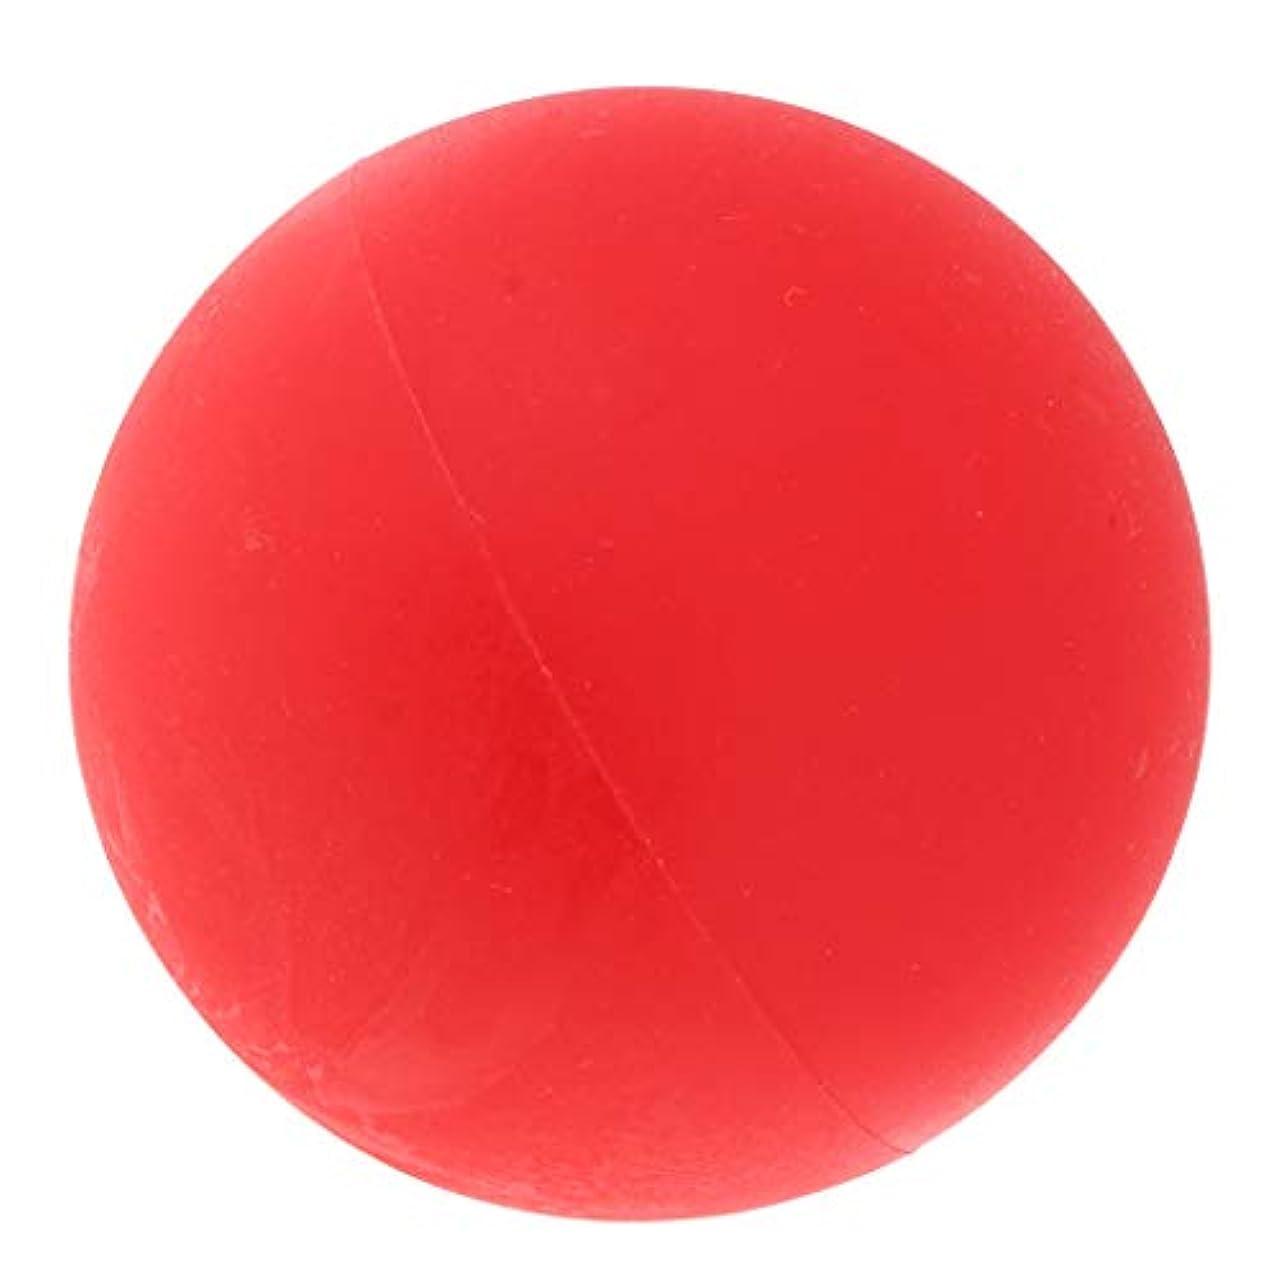 配るベッドを作る滑るマッサージボール ヨガボール トリガーポイント 筋膜リリース 緊張緩和 健康グッズ 全4色 - 赤